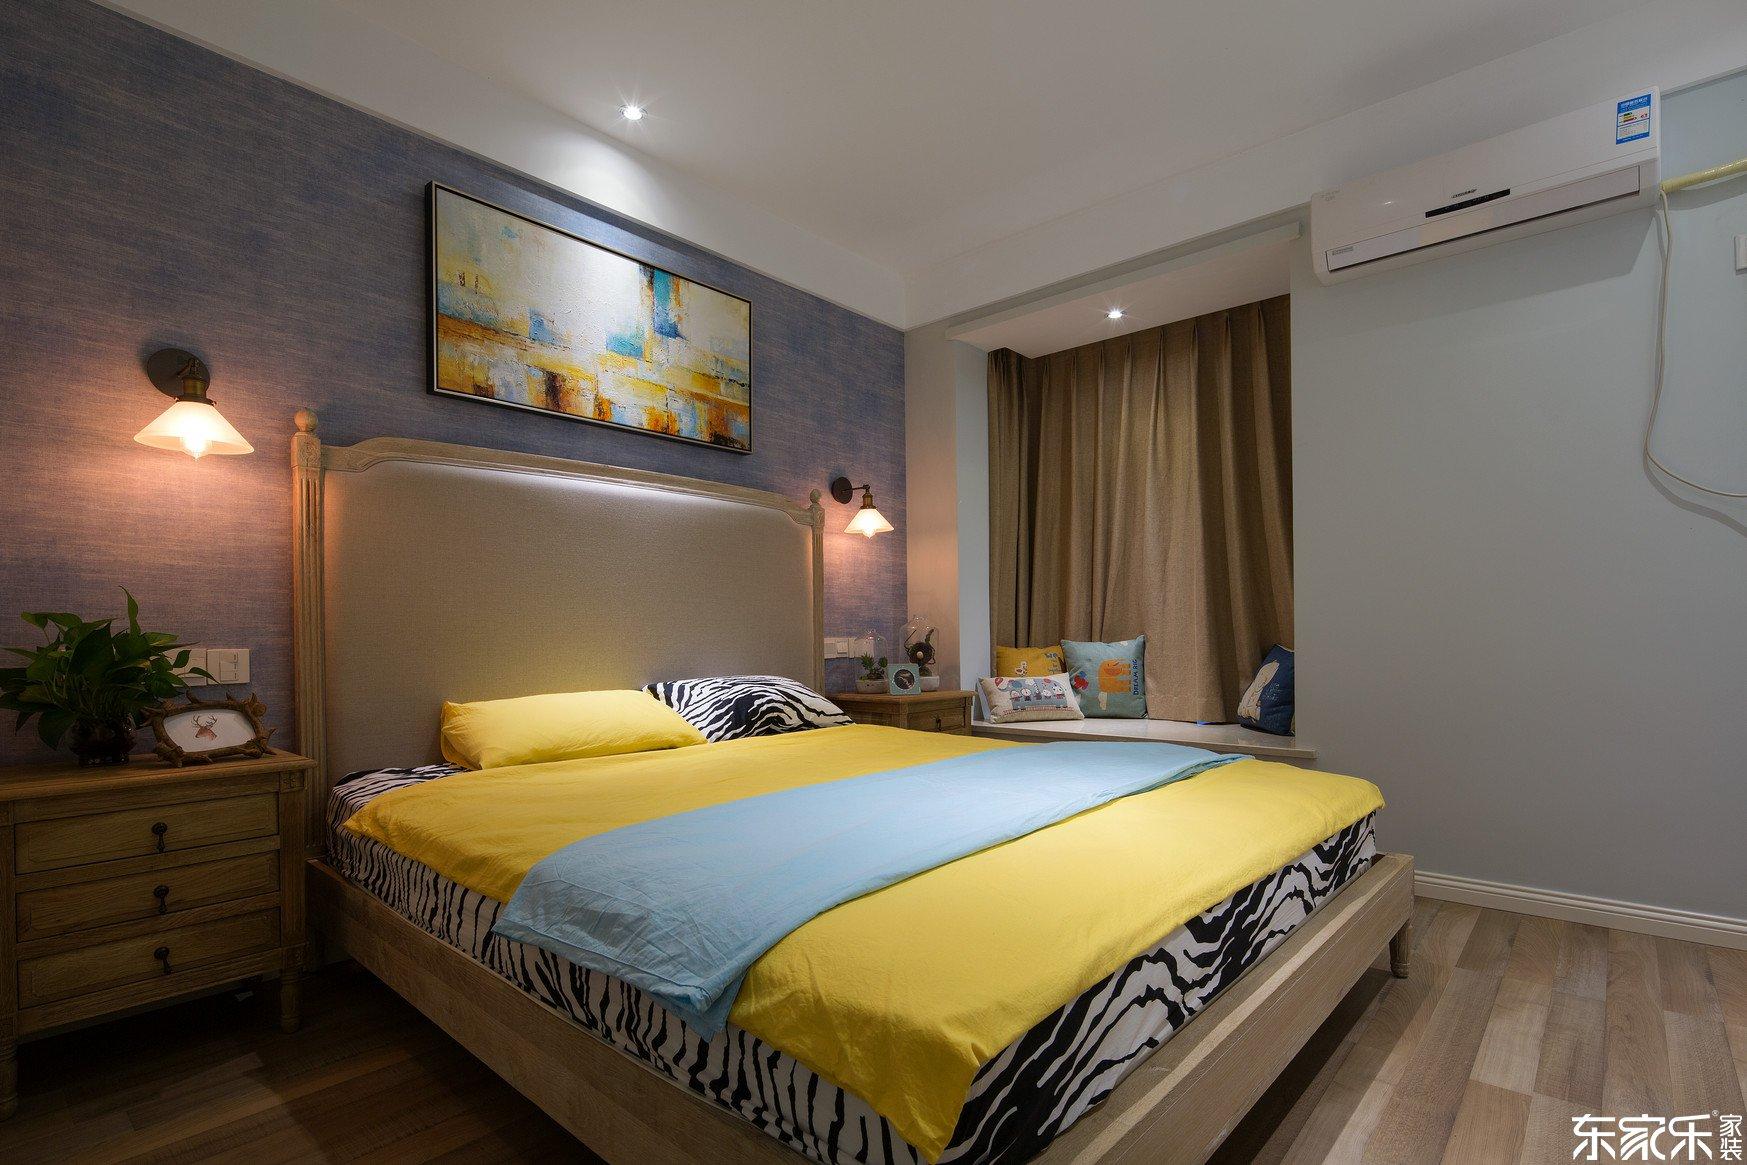 70平米混搭风格卧室装修效果图